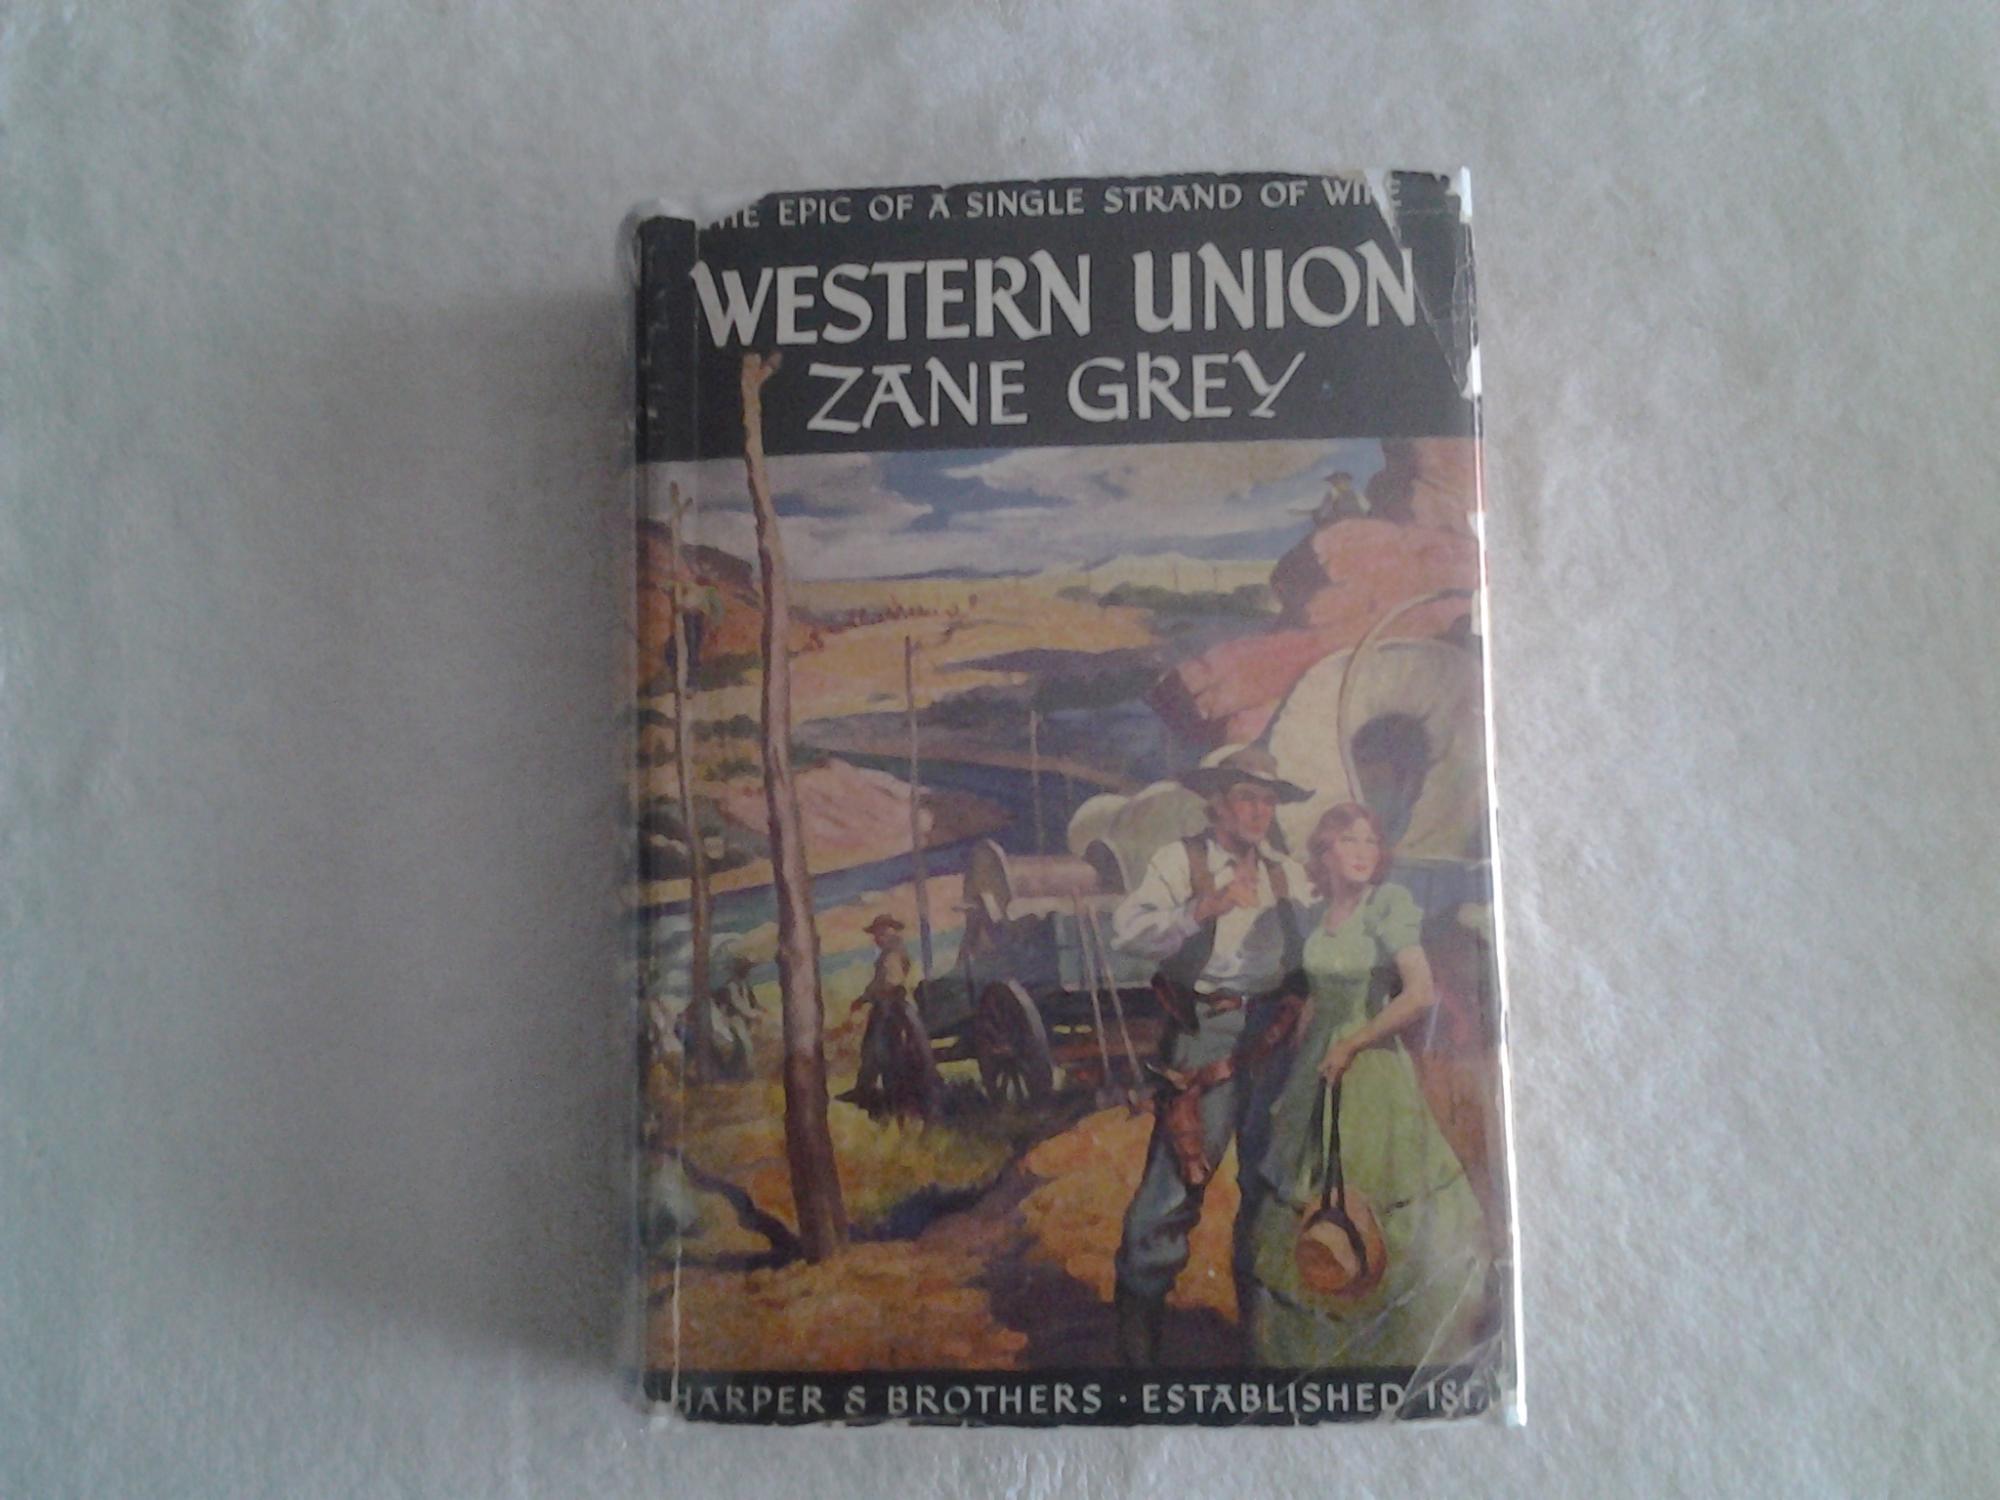 Western Union Zane Grey